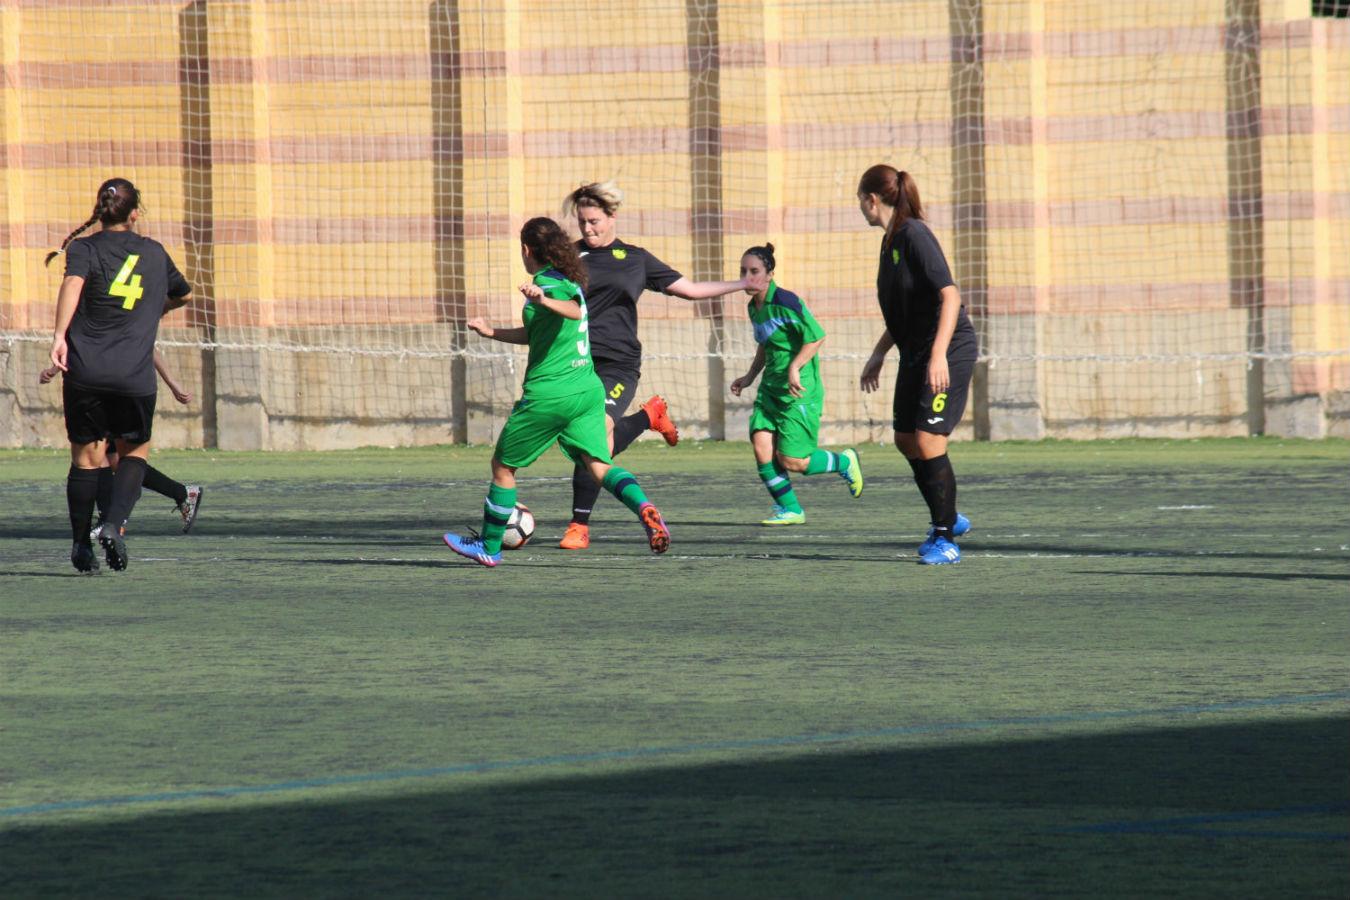 El equipo femenino a por tres nuevos puntos este domingo en Santa María del Águila